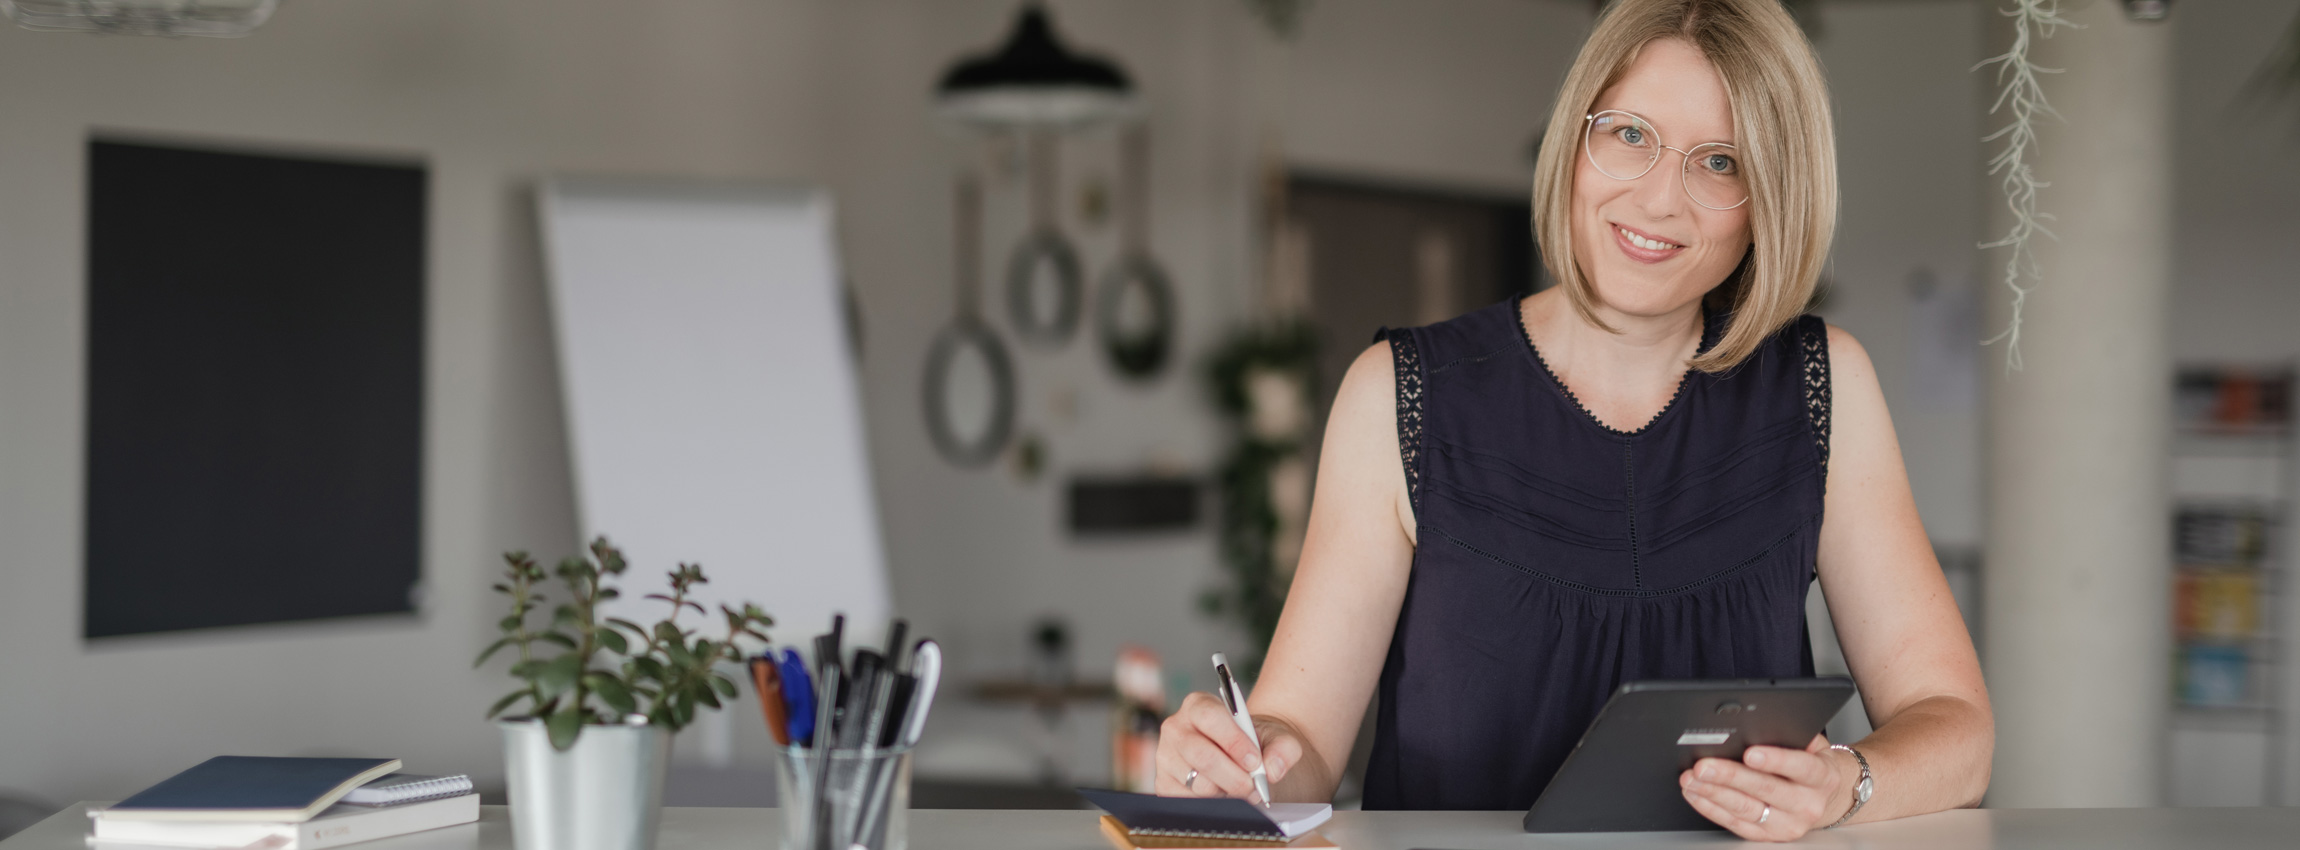 Kerstin Smirr, freie Journalistin und Texterin aus dem Nürnberger Land